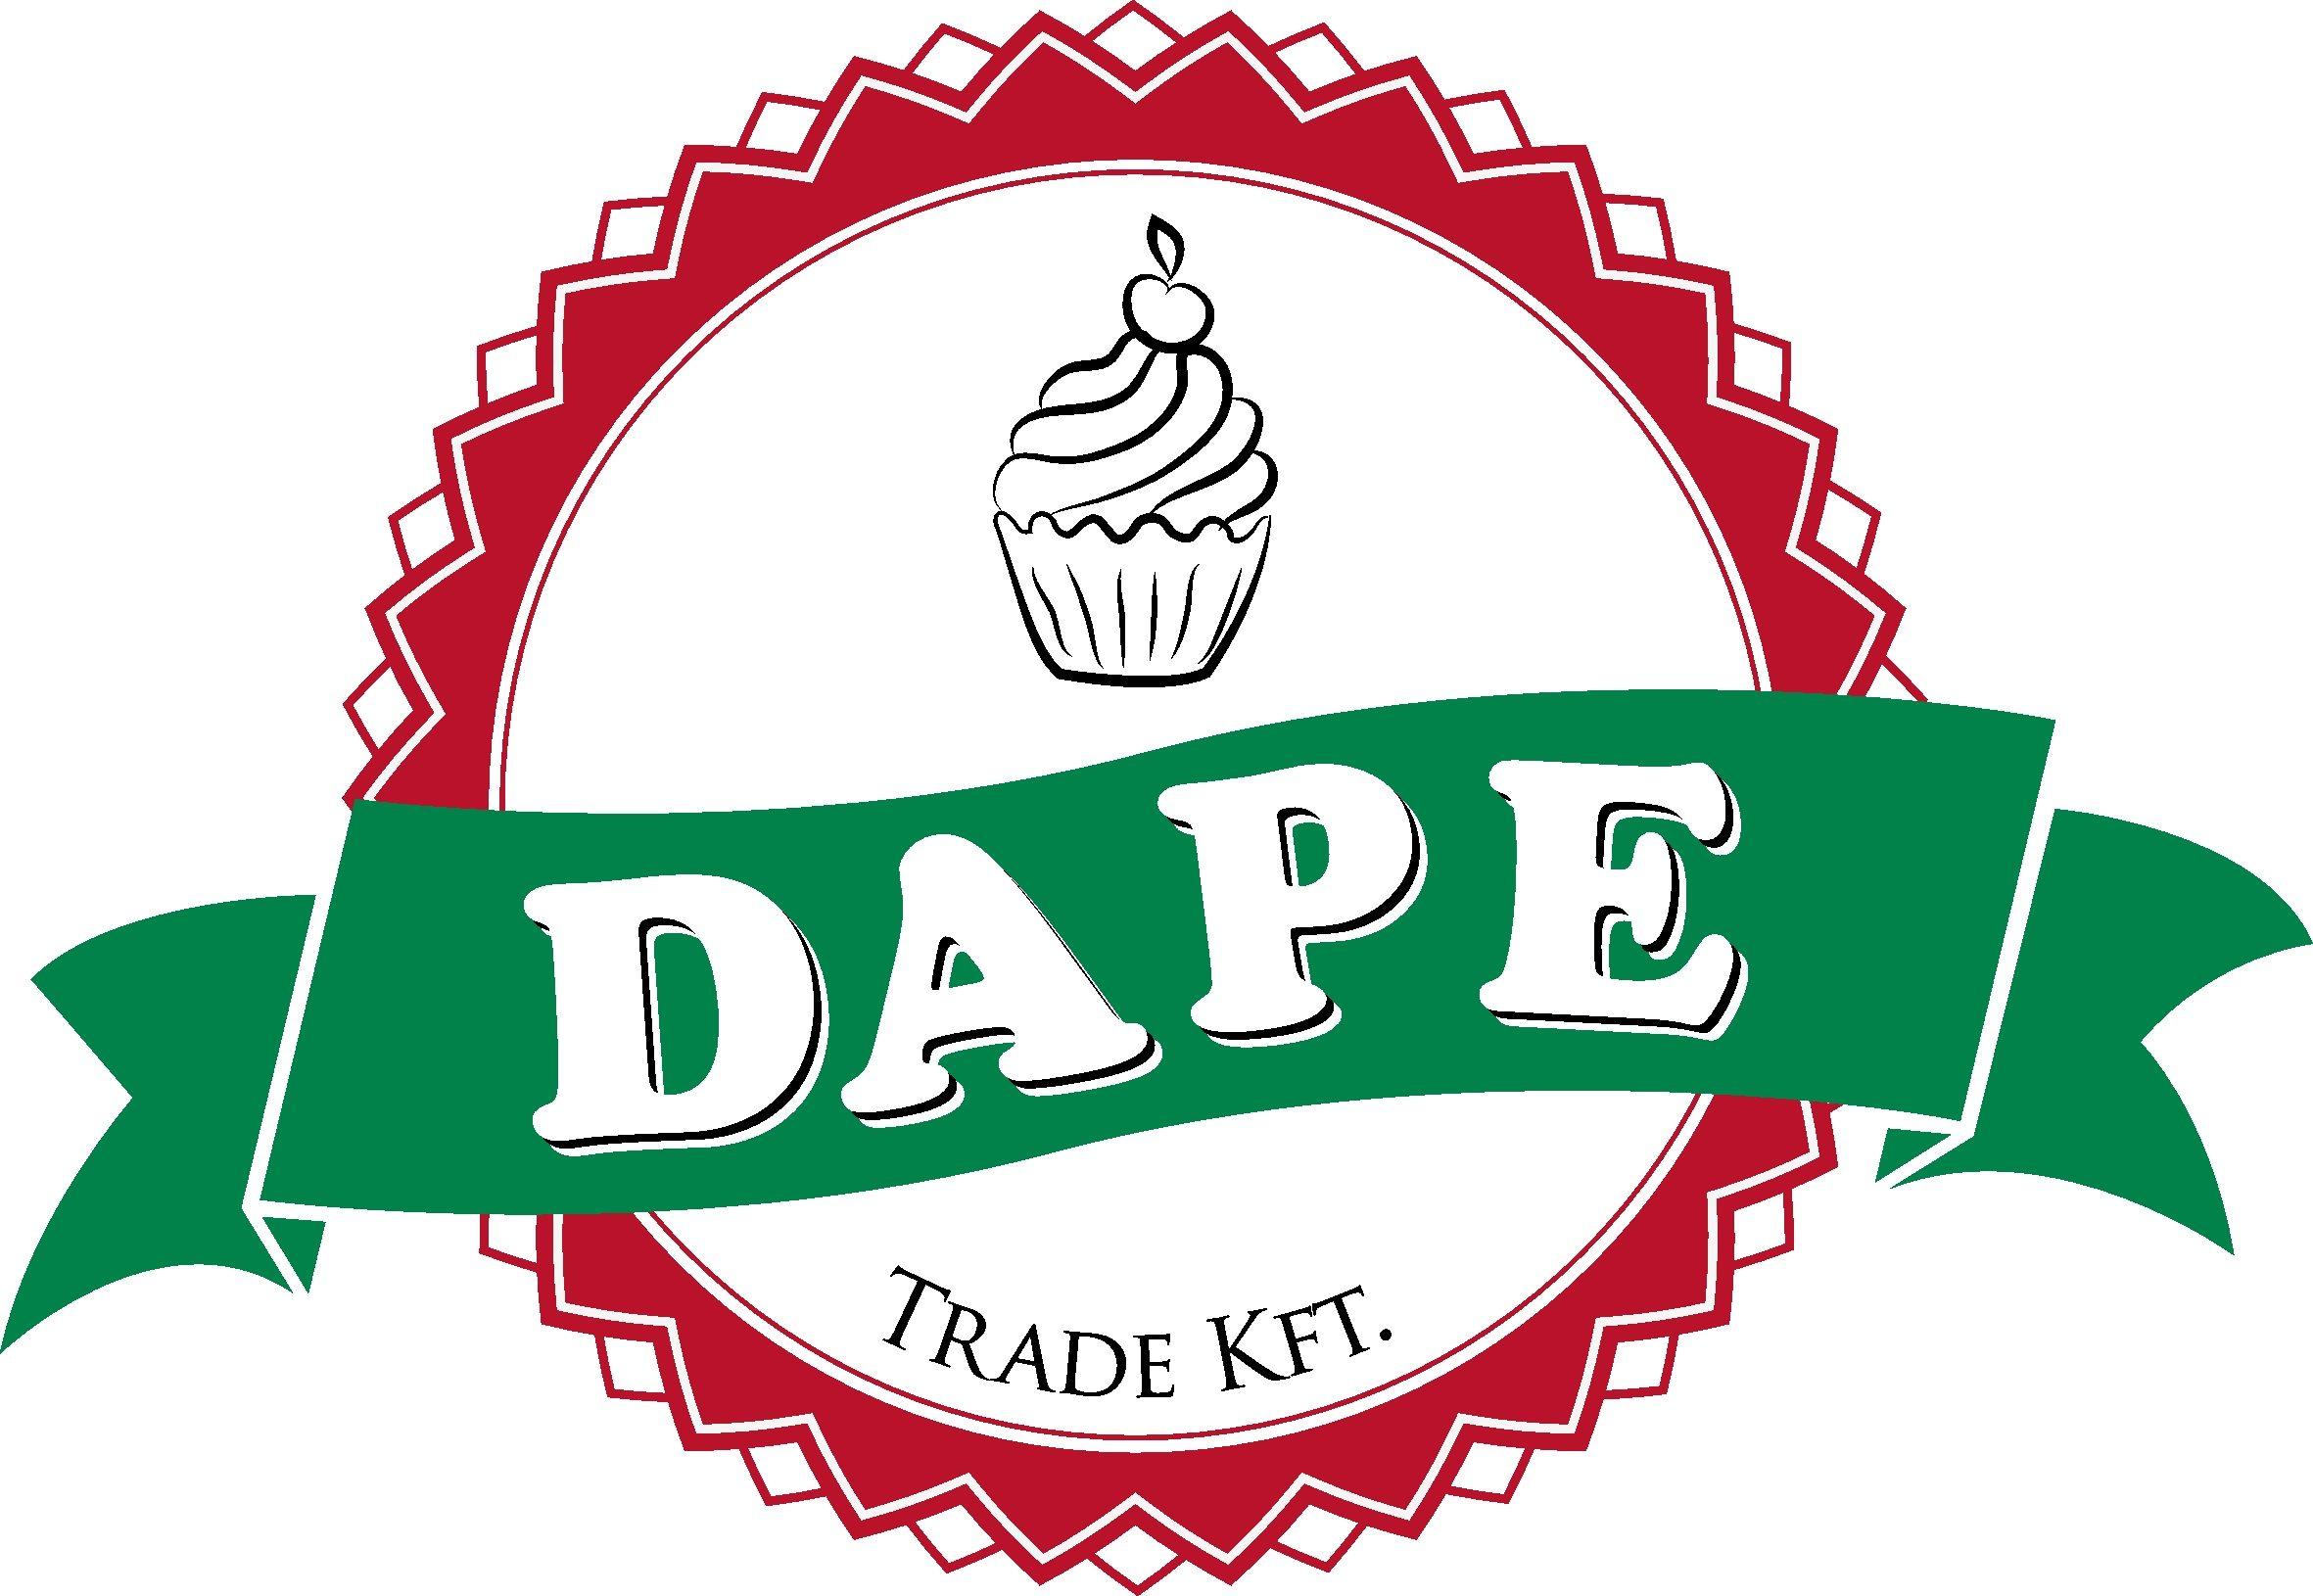 Dape Trade kft.